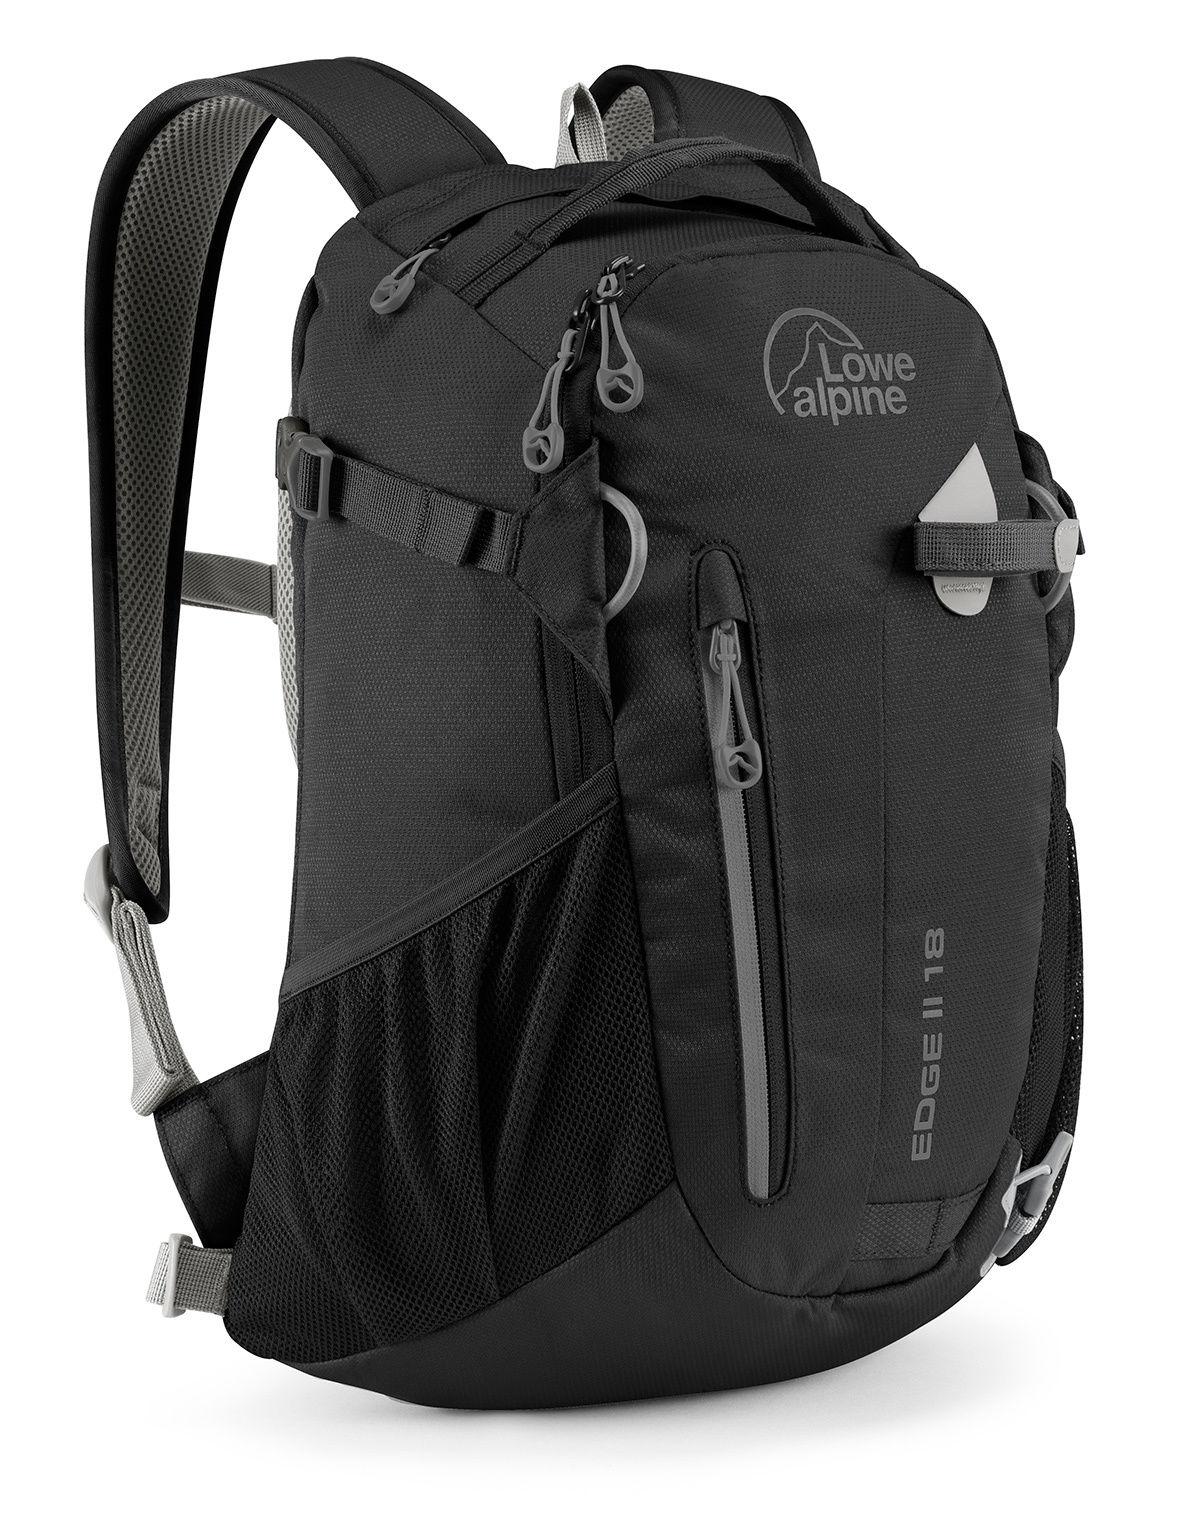 ├登山樂┤Lowe alpine Edge II 18L 休閒健行後背包 黑 # FDP4918B